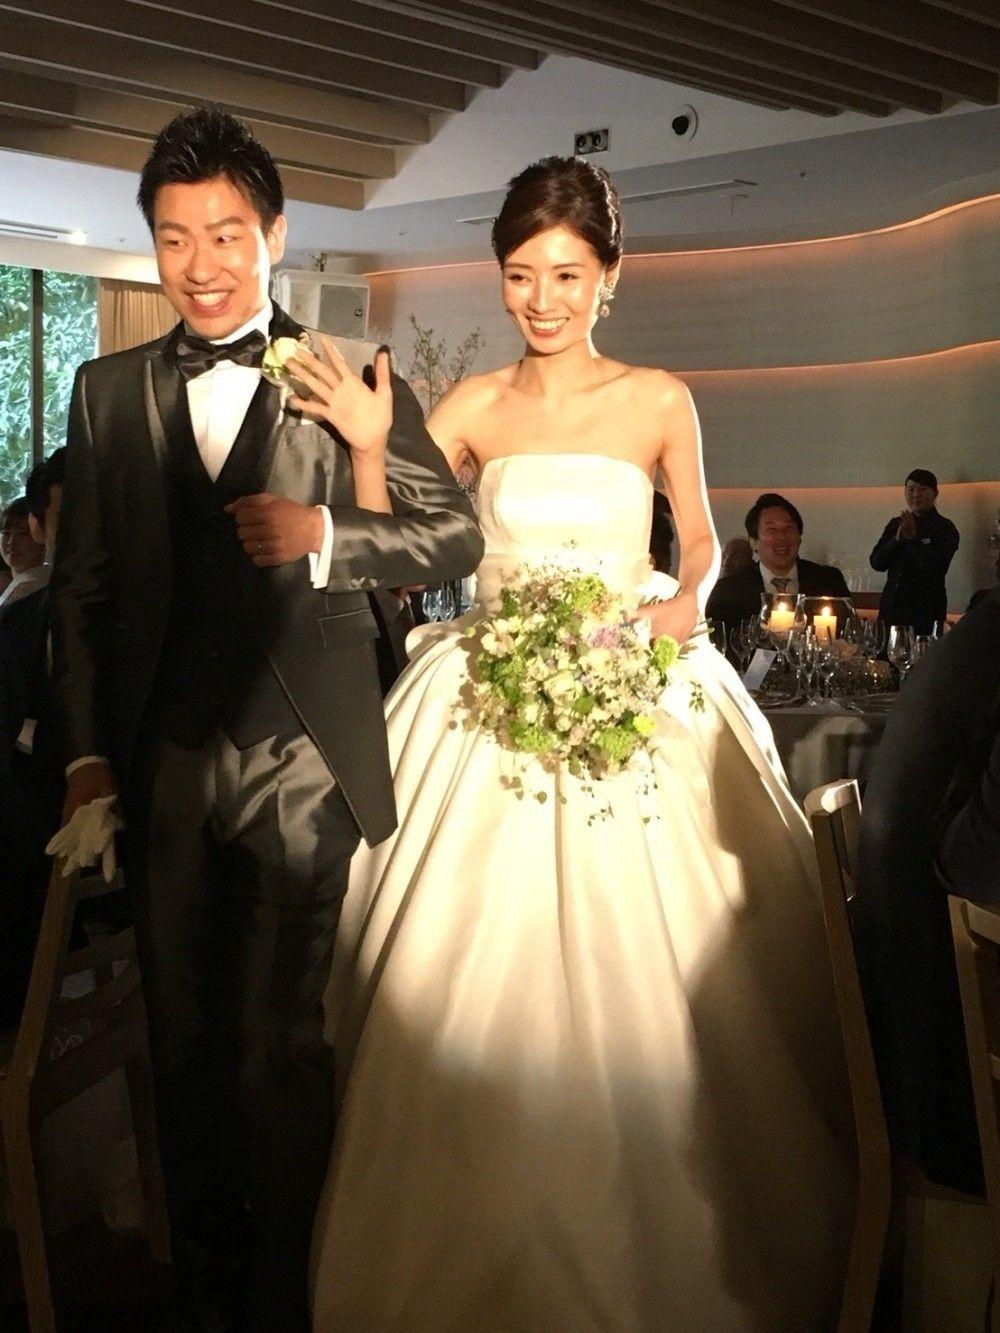 新郎新婦様からのメール 八芳園の花嫁様より リバーシブルブーケ 二次会にも使えるように 一会 ウエディングの花 花嫁 ウェディングドレス 新郎 新婦